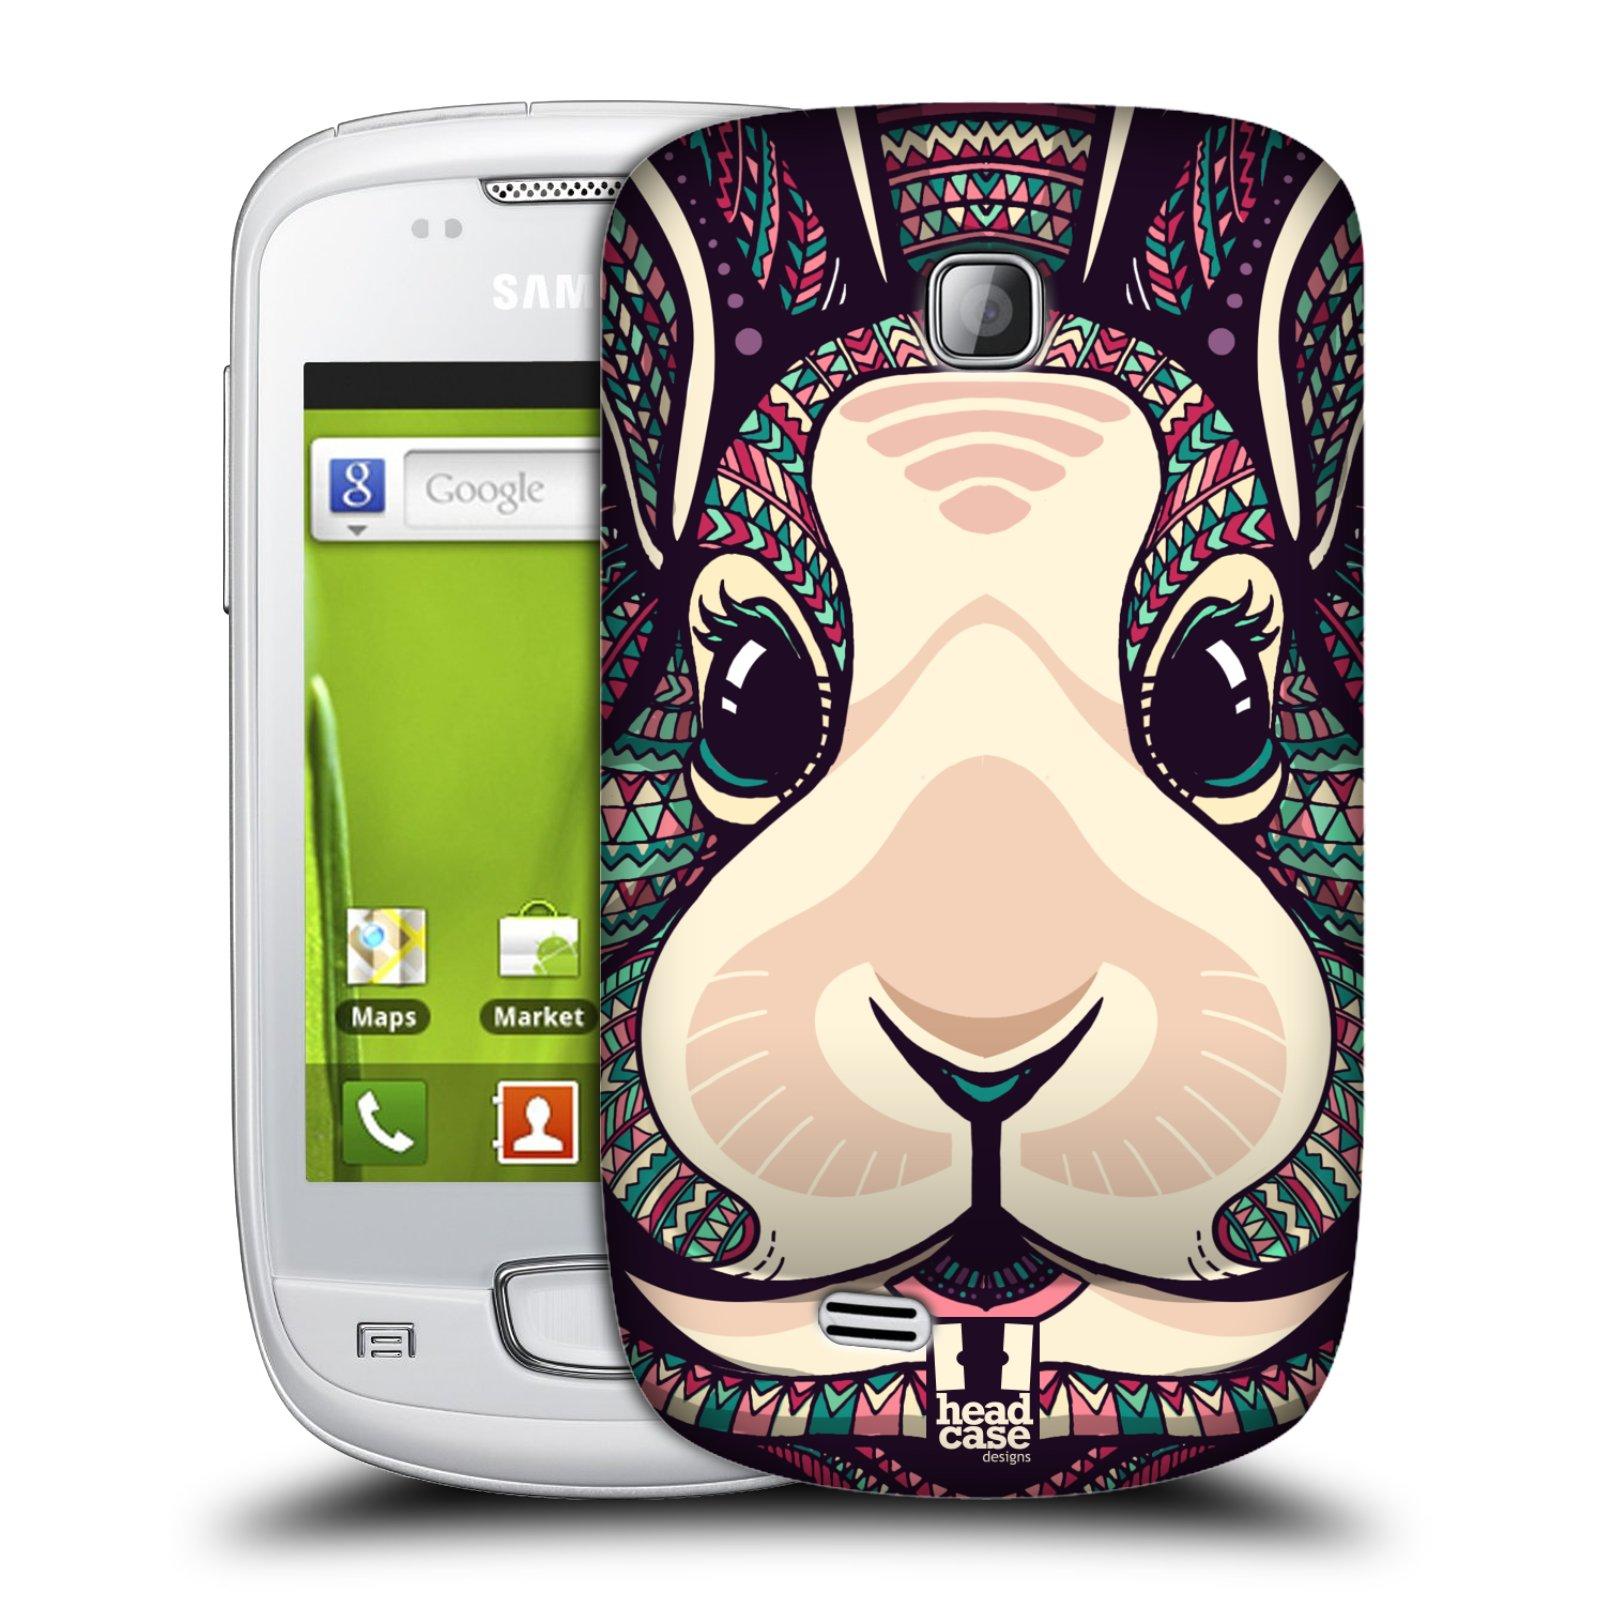 Plastové pouzdro na mobil Samsung Galaxy Mini HEAD CASE AZTEC ZAJÍČEK (Kryt či obal na mobilní telefon Samsung Galaxy Mini GT-S5570 / GT-S5570i)